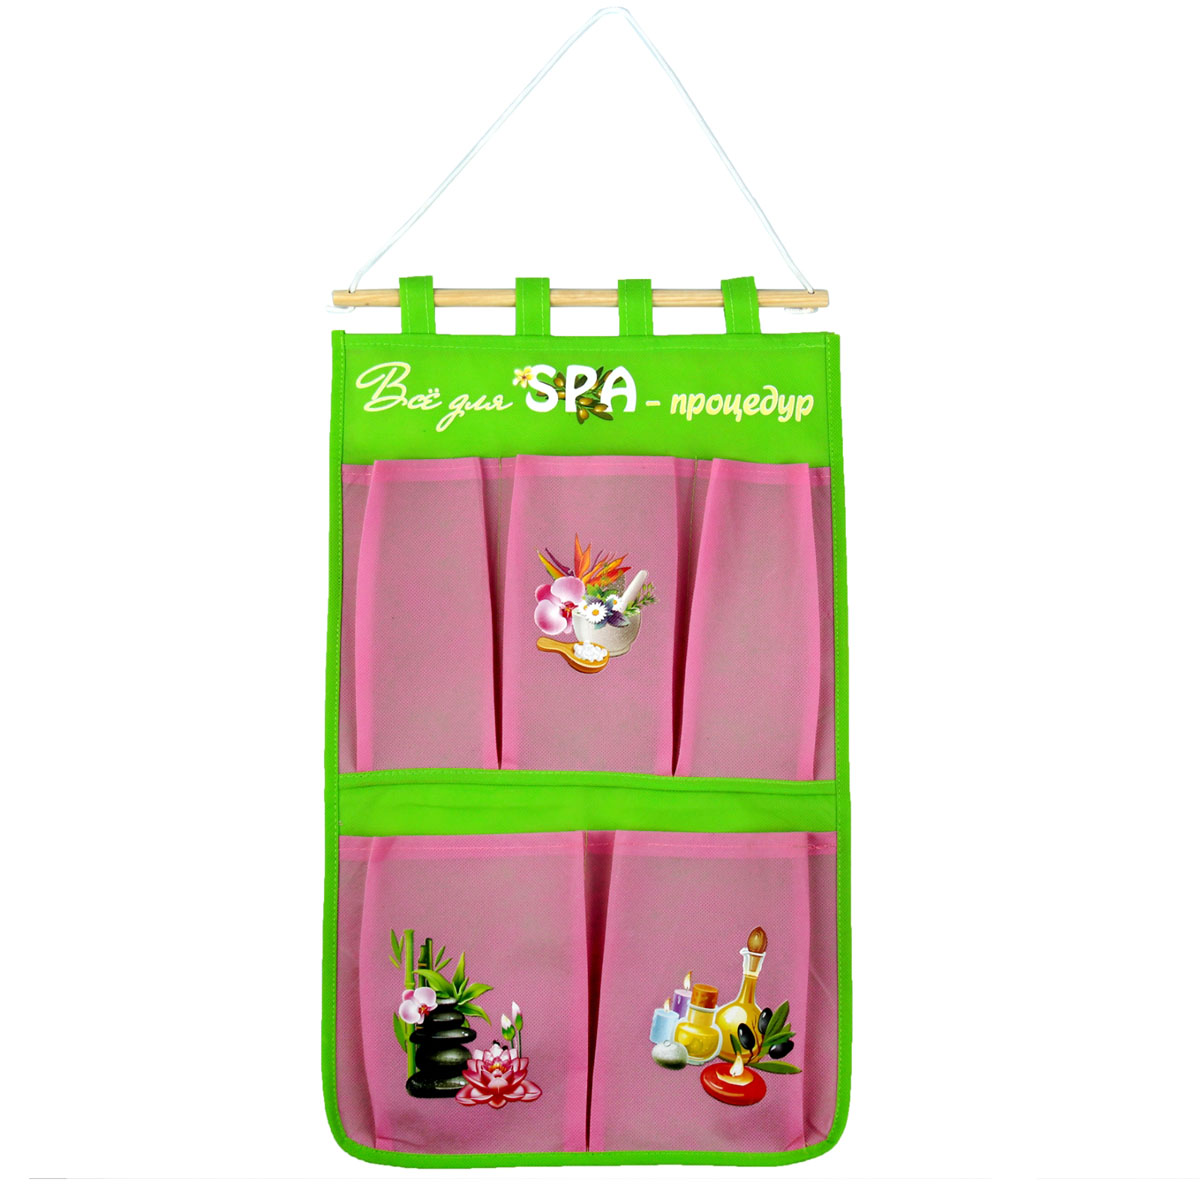 Кармашки на стену Sima-land Все для спа процедур, цвет: розовый, 5 шт12723Кармашки на стену Sima-land Все для спа процедур, изготовленные из текстиля и пластика, предназначены для хранения необходимых вещей, множества мелочей в гардеробной, ванной, детской комнатах. Изделие представляет собой текстильное полотно с 5 пришитыми кармашками. Благодаря деревянной планке и шнурку, кармашки можно подвесить на стену или дверь в необходимом для вас месте.Кармашки декорированы изображениями различных аксессуаров для спапроцедур.Этот нужный предмет может стать одновременно и декоративным элементом комнаты. Яркий дизайн, как ничто иное, способен оживить интерьер вашего дома.